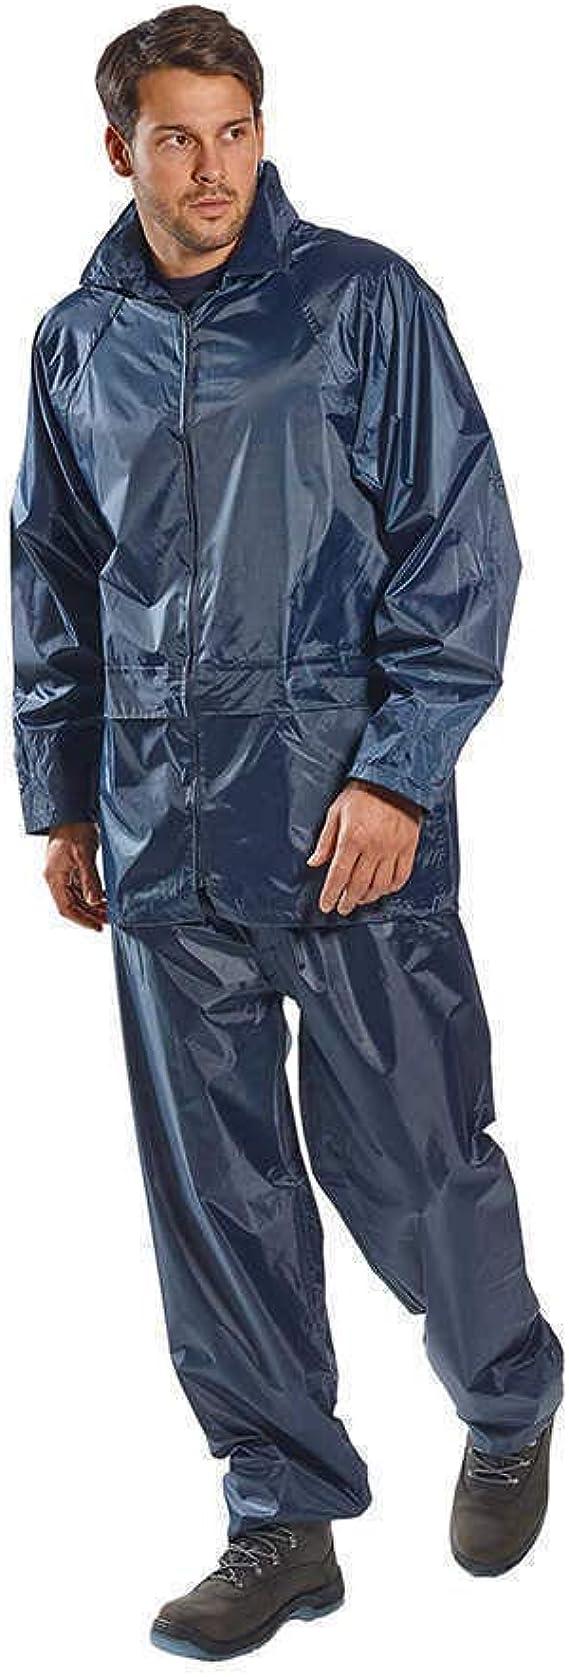 Portwest BLACK Oban Fleece Lined Waterproof PVC Coated Rain Jacket S523